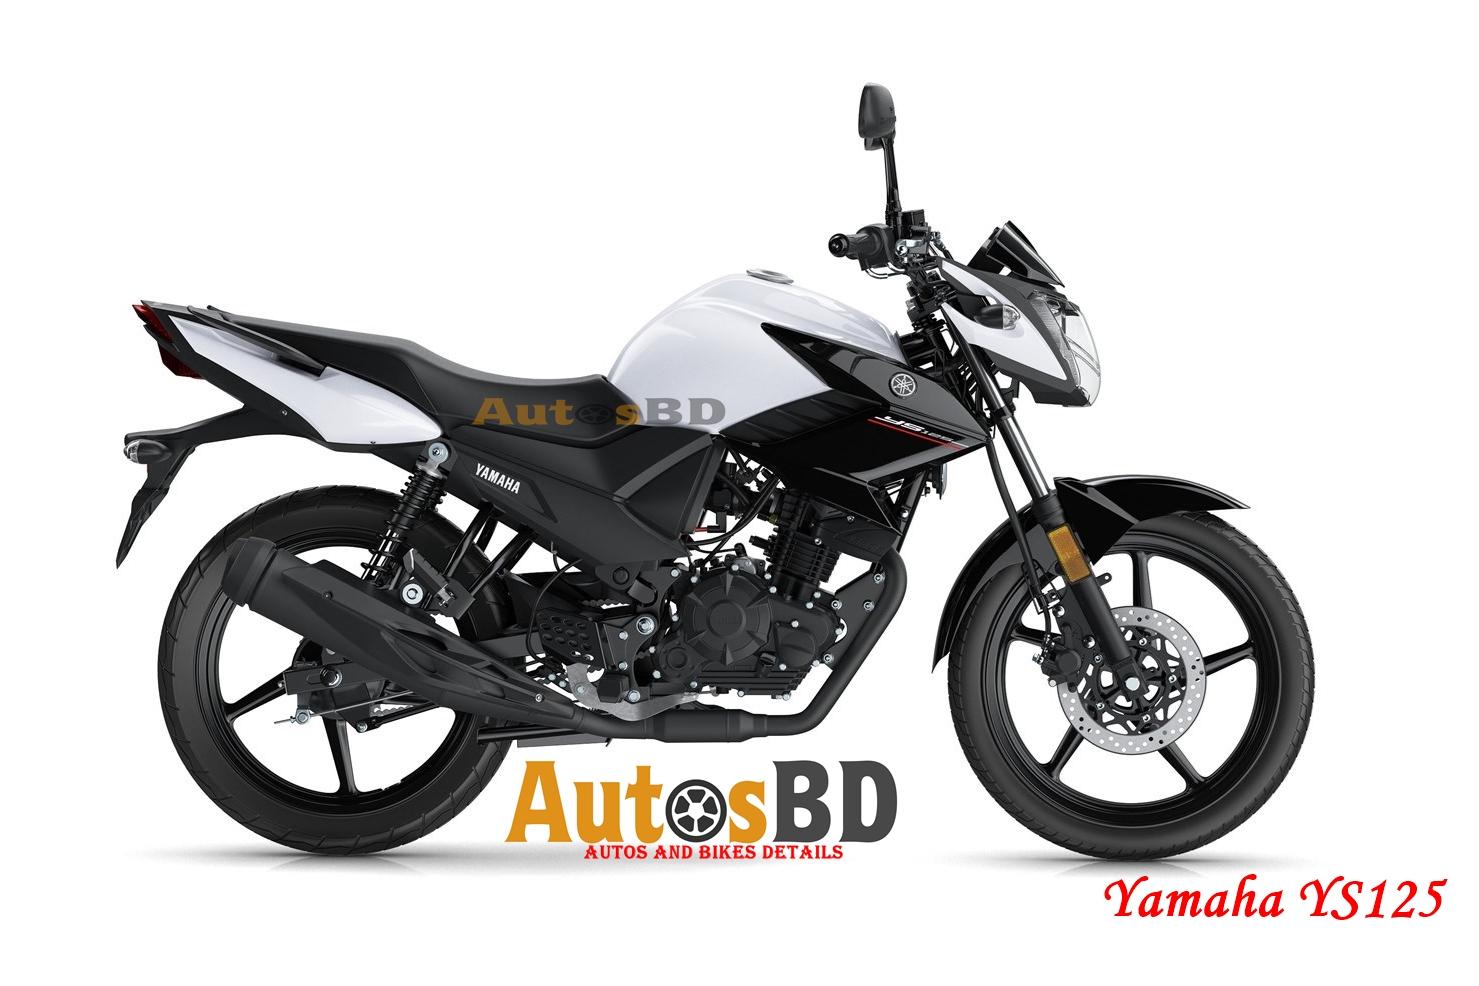 Yamaha YS125 Motorcycle Price in Bangladesh